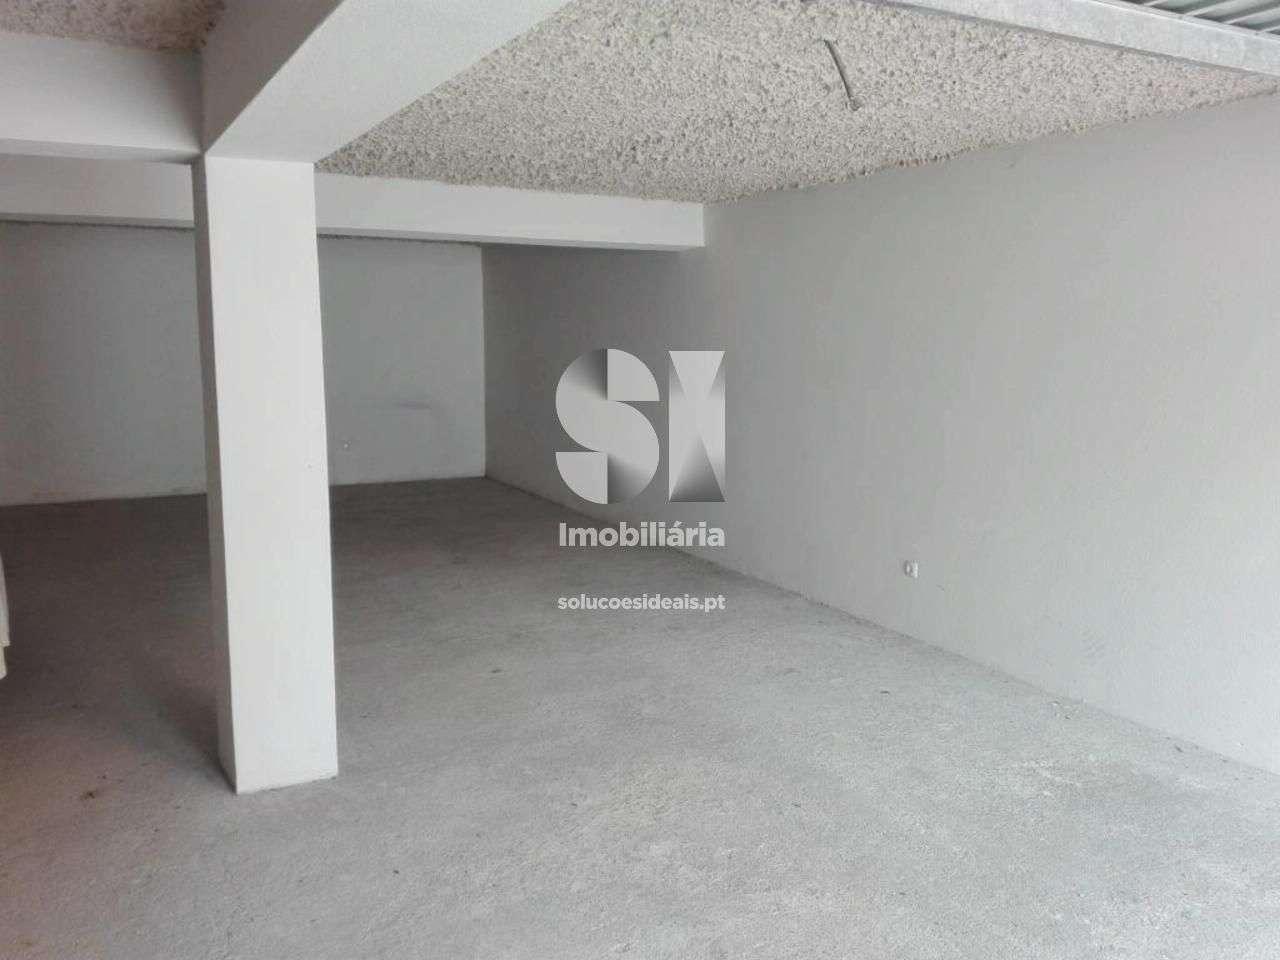 Moradia para comprar, Reguengo Grande, Lourinhã, Lisboa - Foto 25